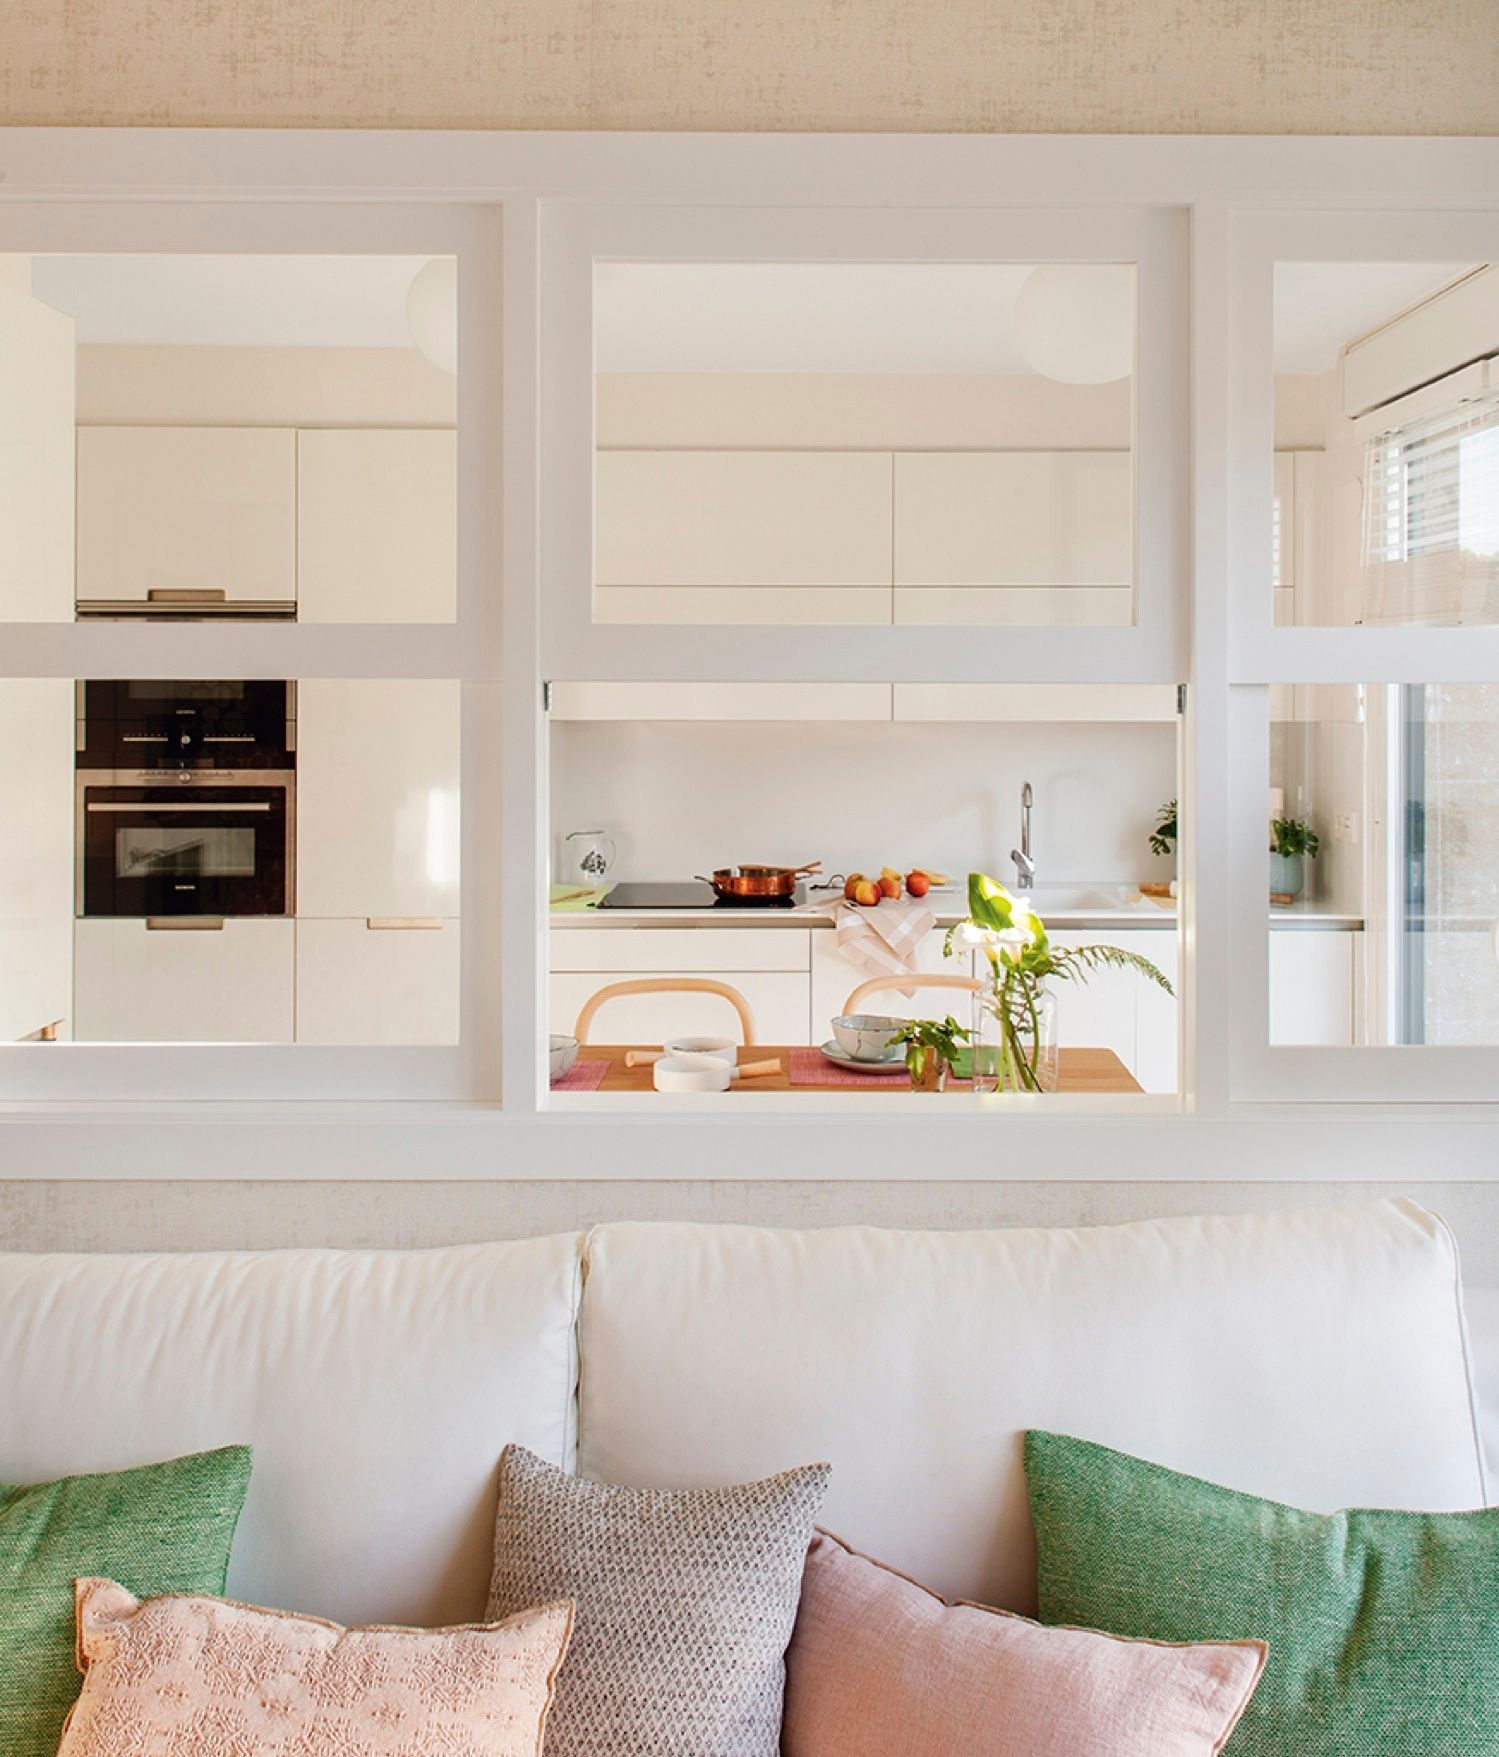 Neue wohnzimmer innenarchitektur las mejores ideas deco de esta temporada  mamas wohnung  pinterest